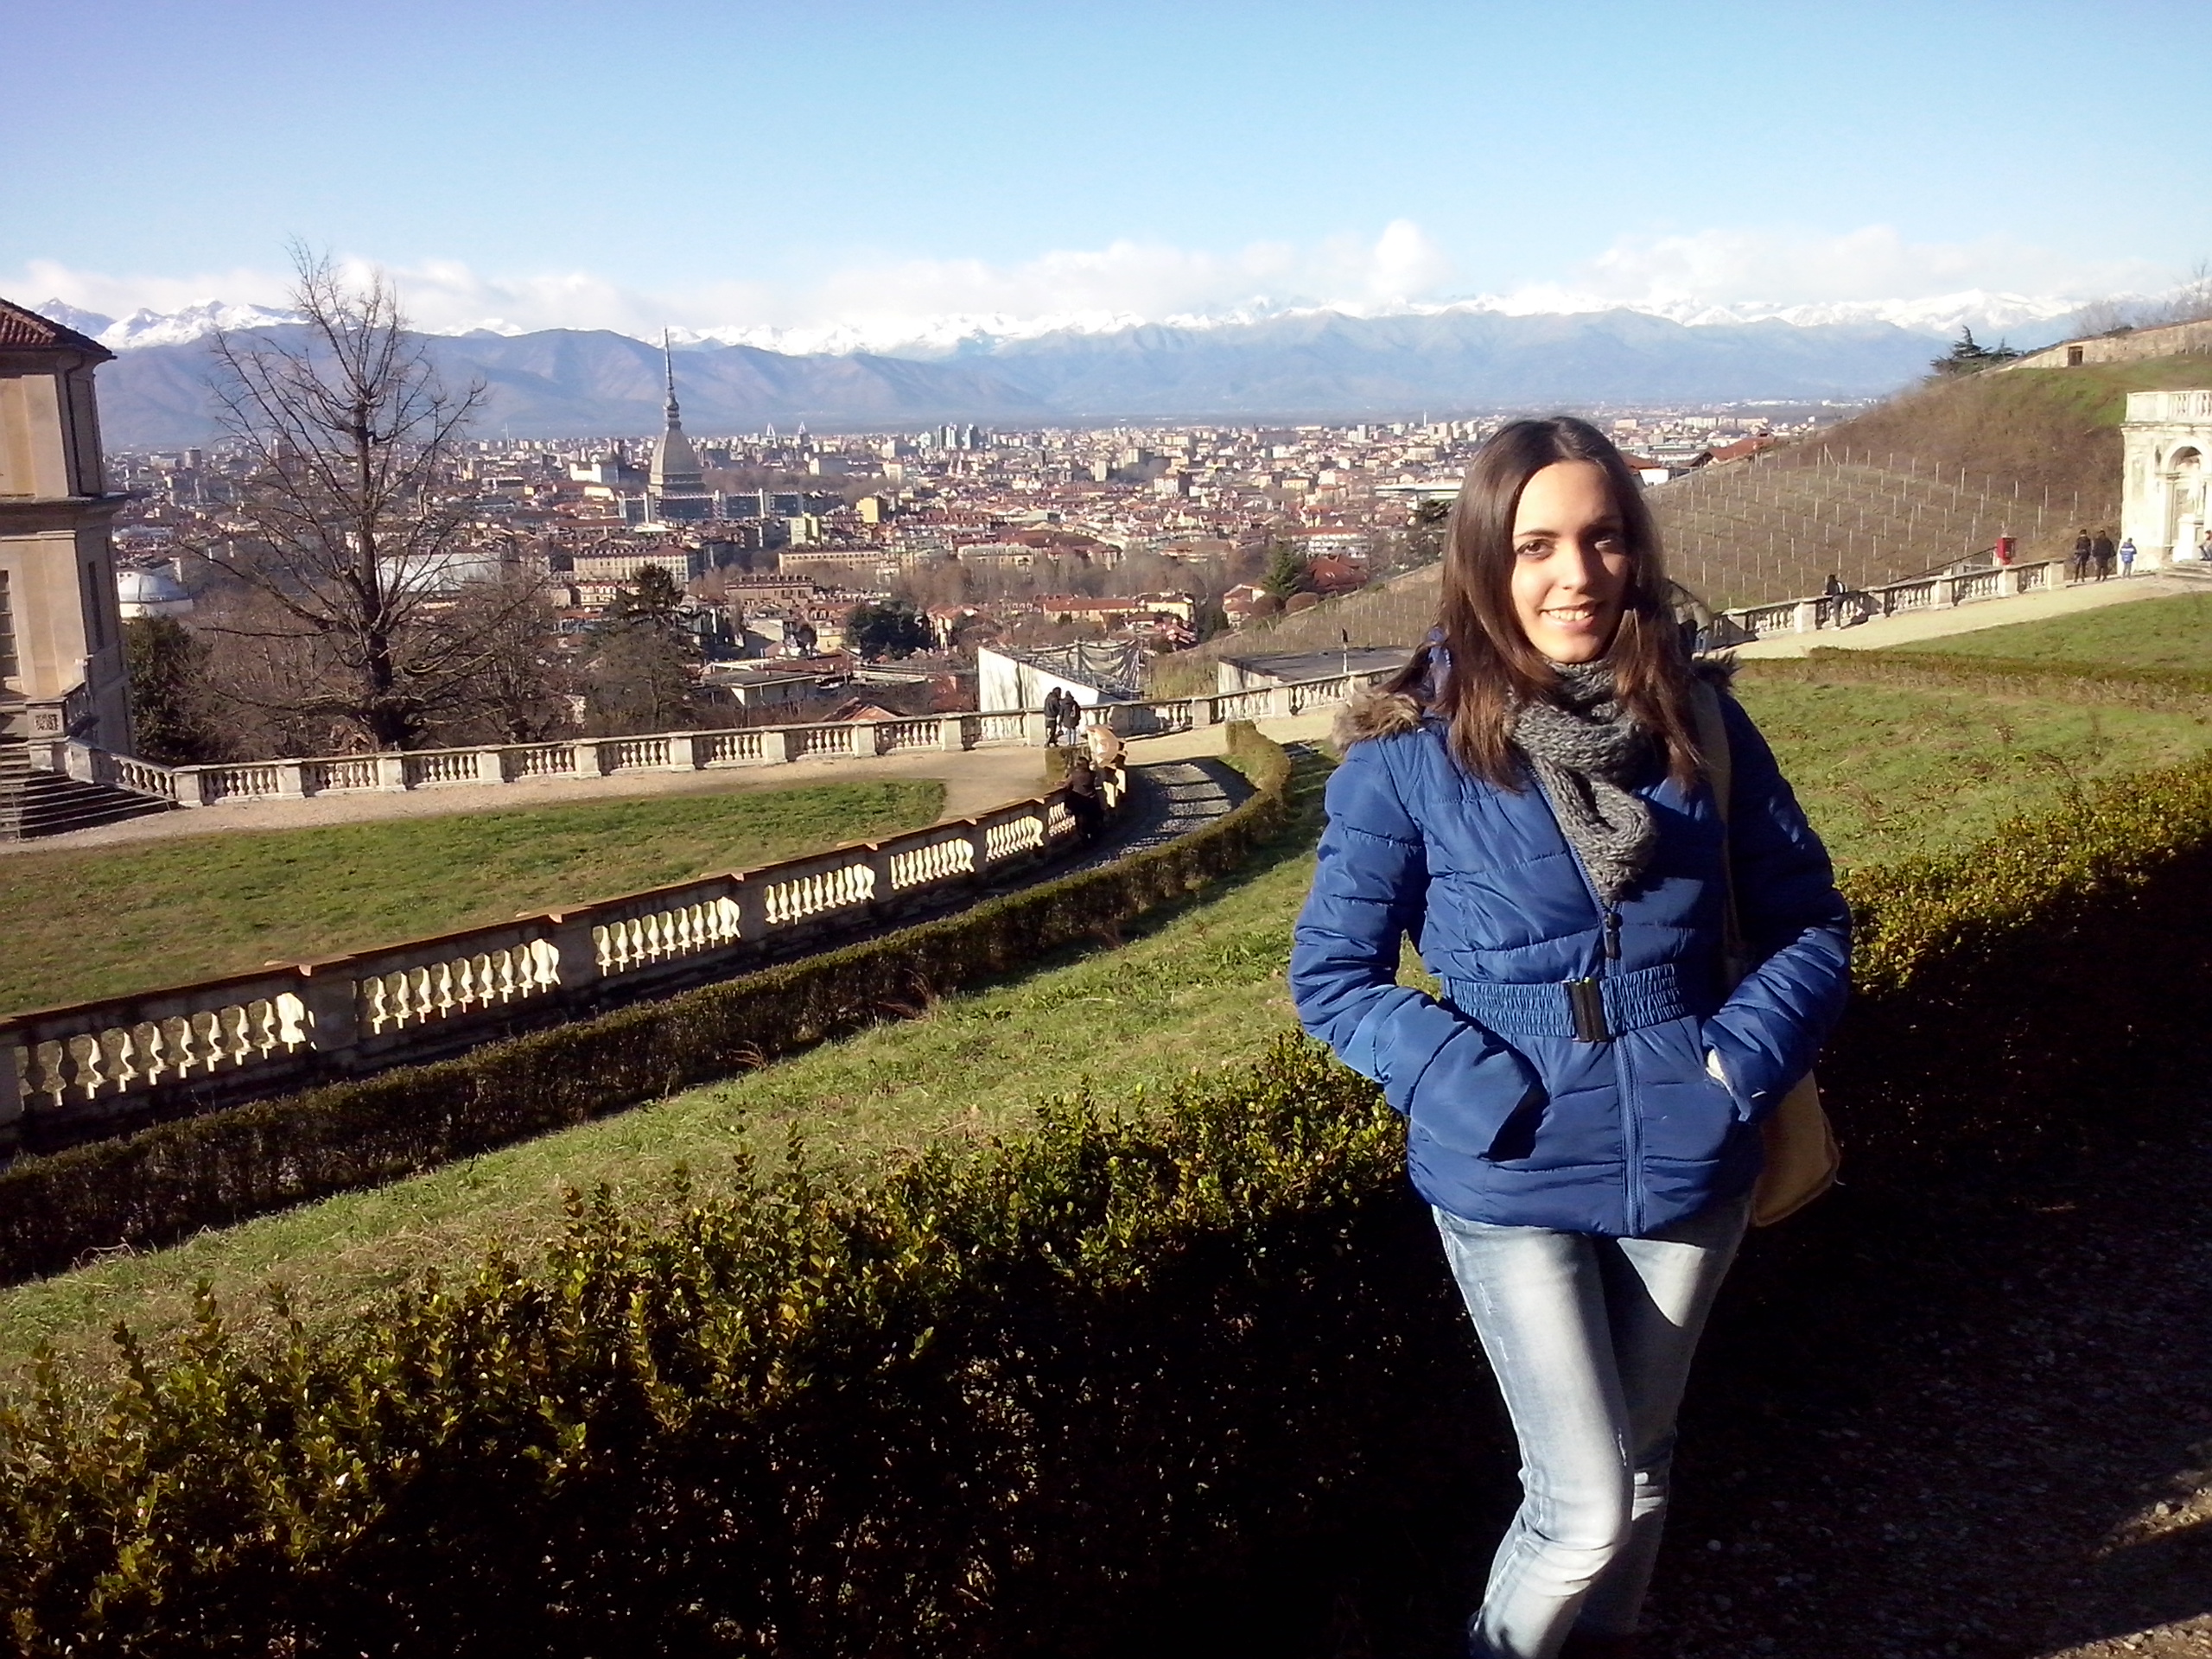 Roberta at villa regina